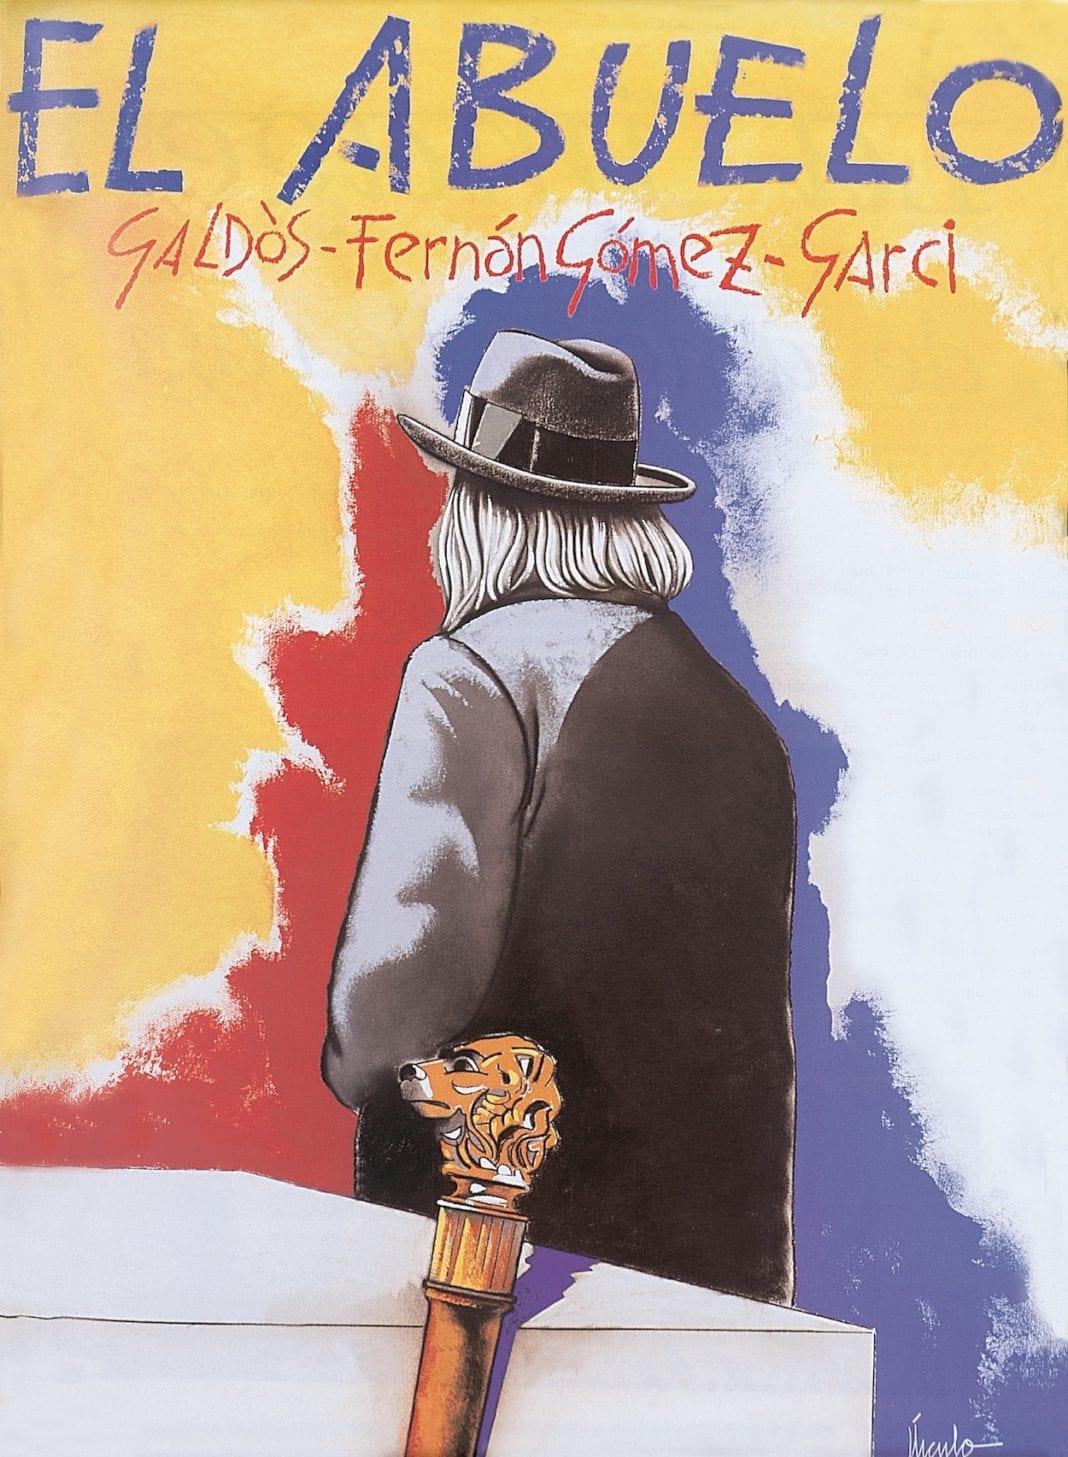 El abuelo, de José Luis Garci